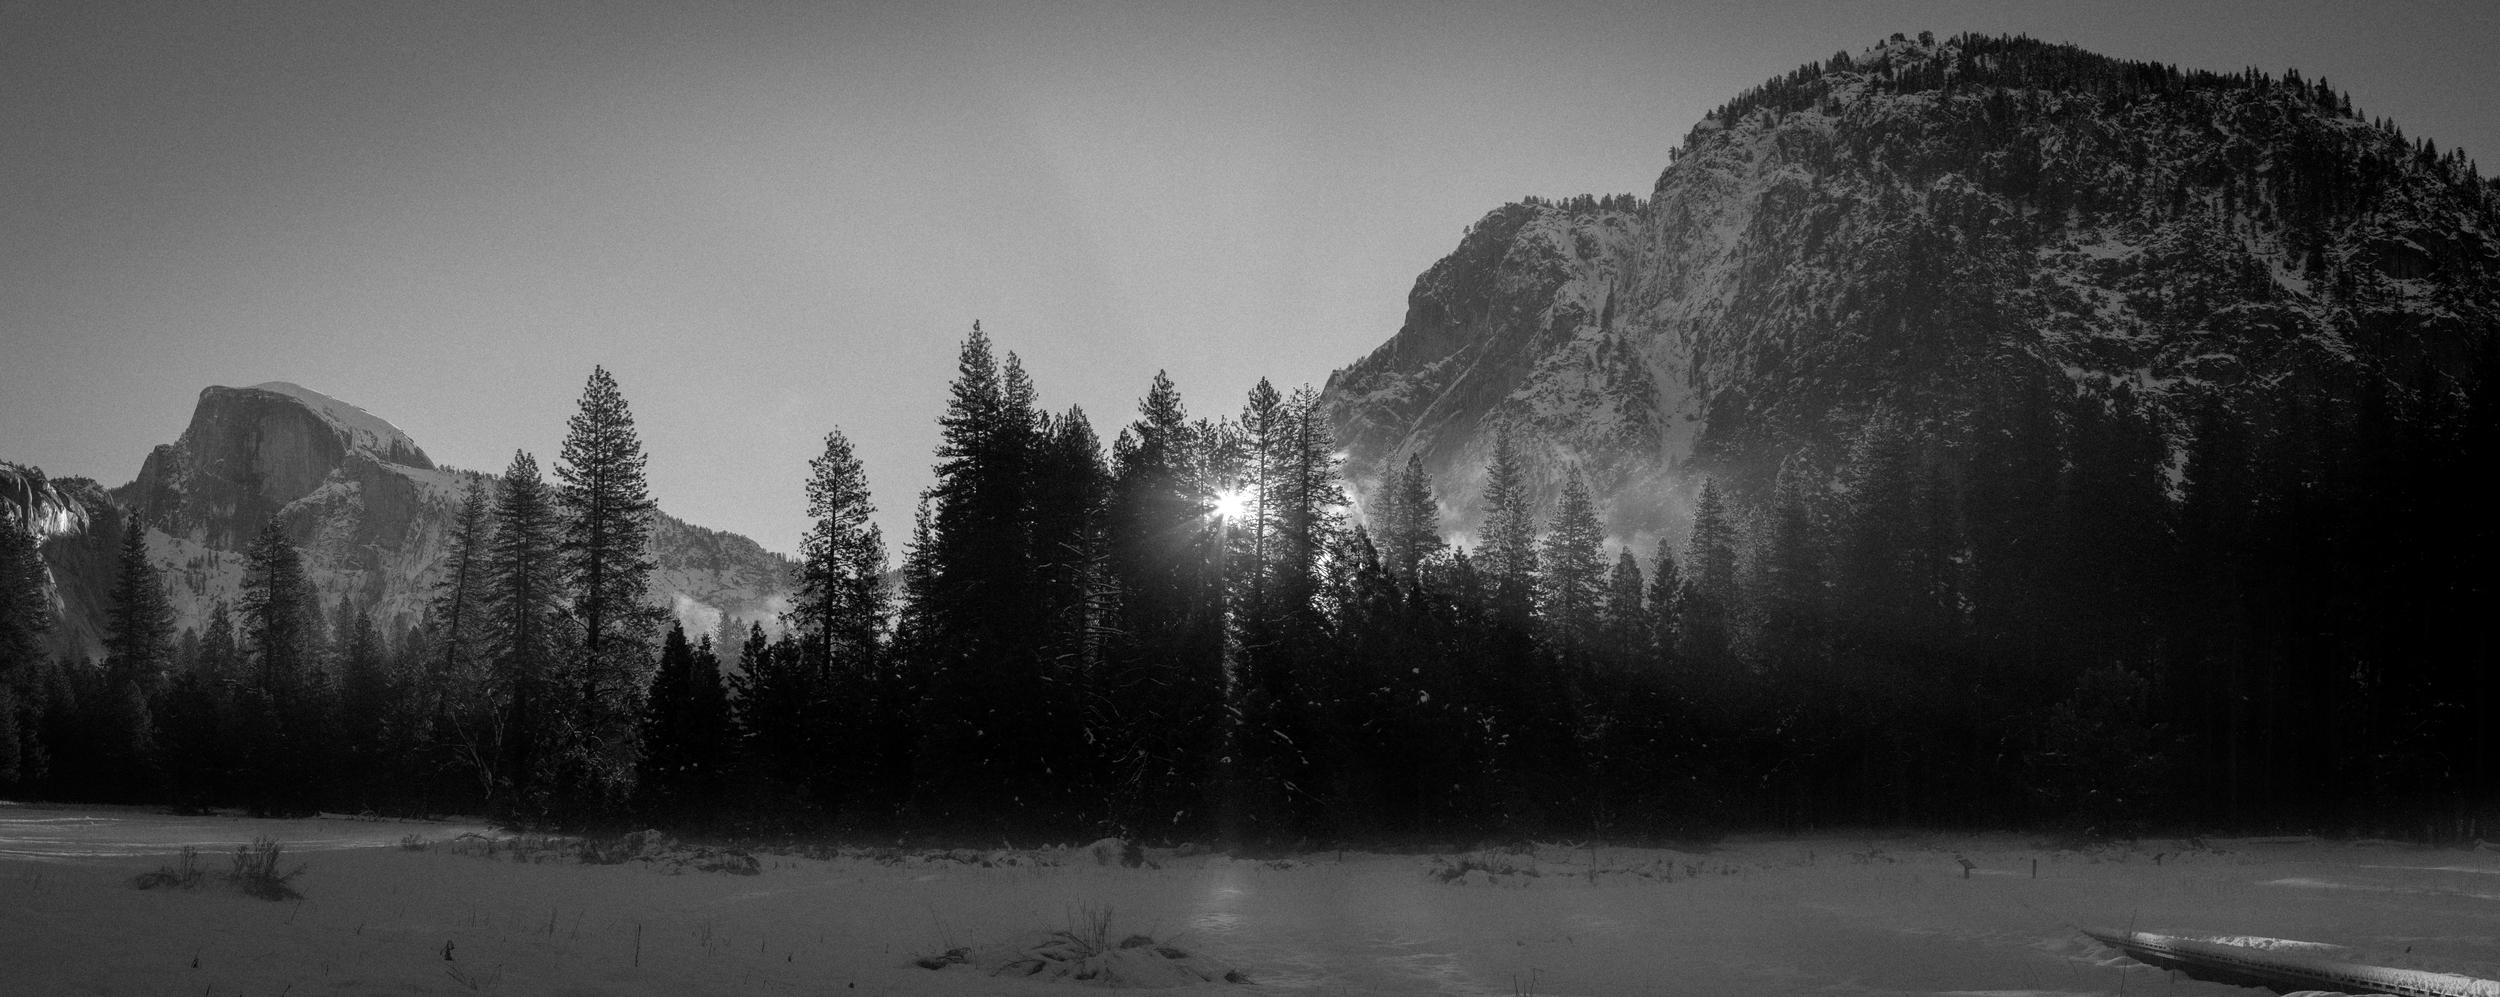 Yosemite (4 of 6).jpg